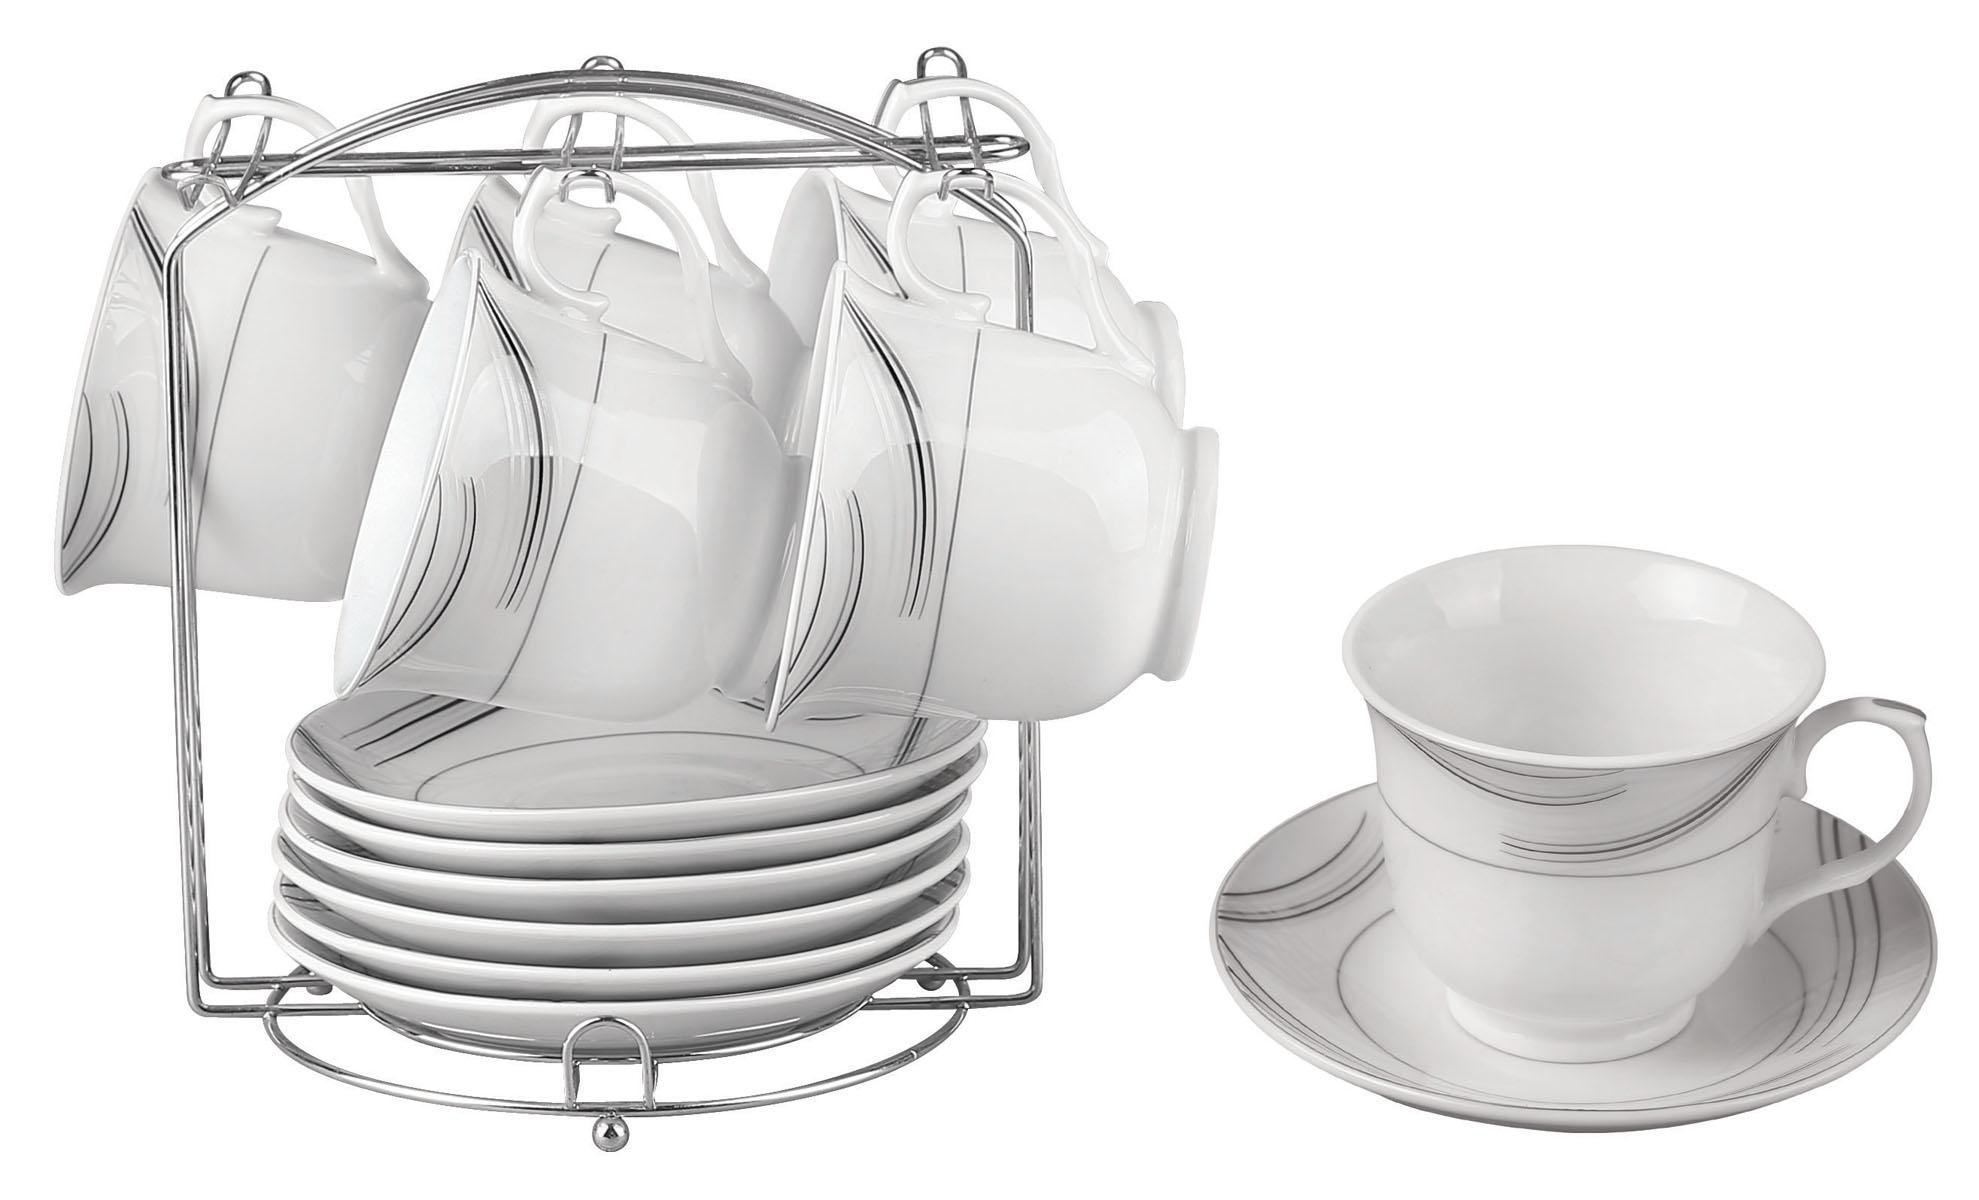 Набор чайный Bekker, 13 предметов. BK-6803 (8)BK-6803 (8)Чайный набор Bekker состоит из 6 чашек, 6 блюдец и металлической подставки. Изделия выполнены из высококачественного фарфора белого цвета, украшенного изящными узорами серебристой эмалью. Для предметов набора предусмотрена специальная металлическая подставка с крючками для чашек и подставкой для блюдец. Изящный чайный набор прекрасно оформит стол к чаепитию и станет замечательным подарком для любой хозяйки. Можно мыть в посудомоечной машине. Объем чашки: 220 мл. Диаметр чашки (по верхнему краю): 9 см. Высота чашки: 7,5 см. Диаметр блюдца: 14 см.